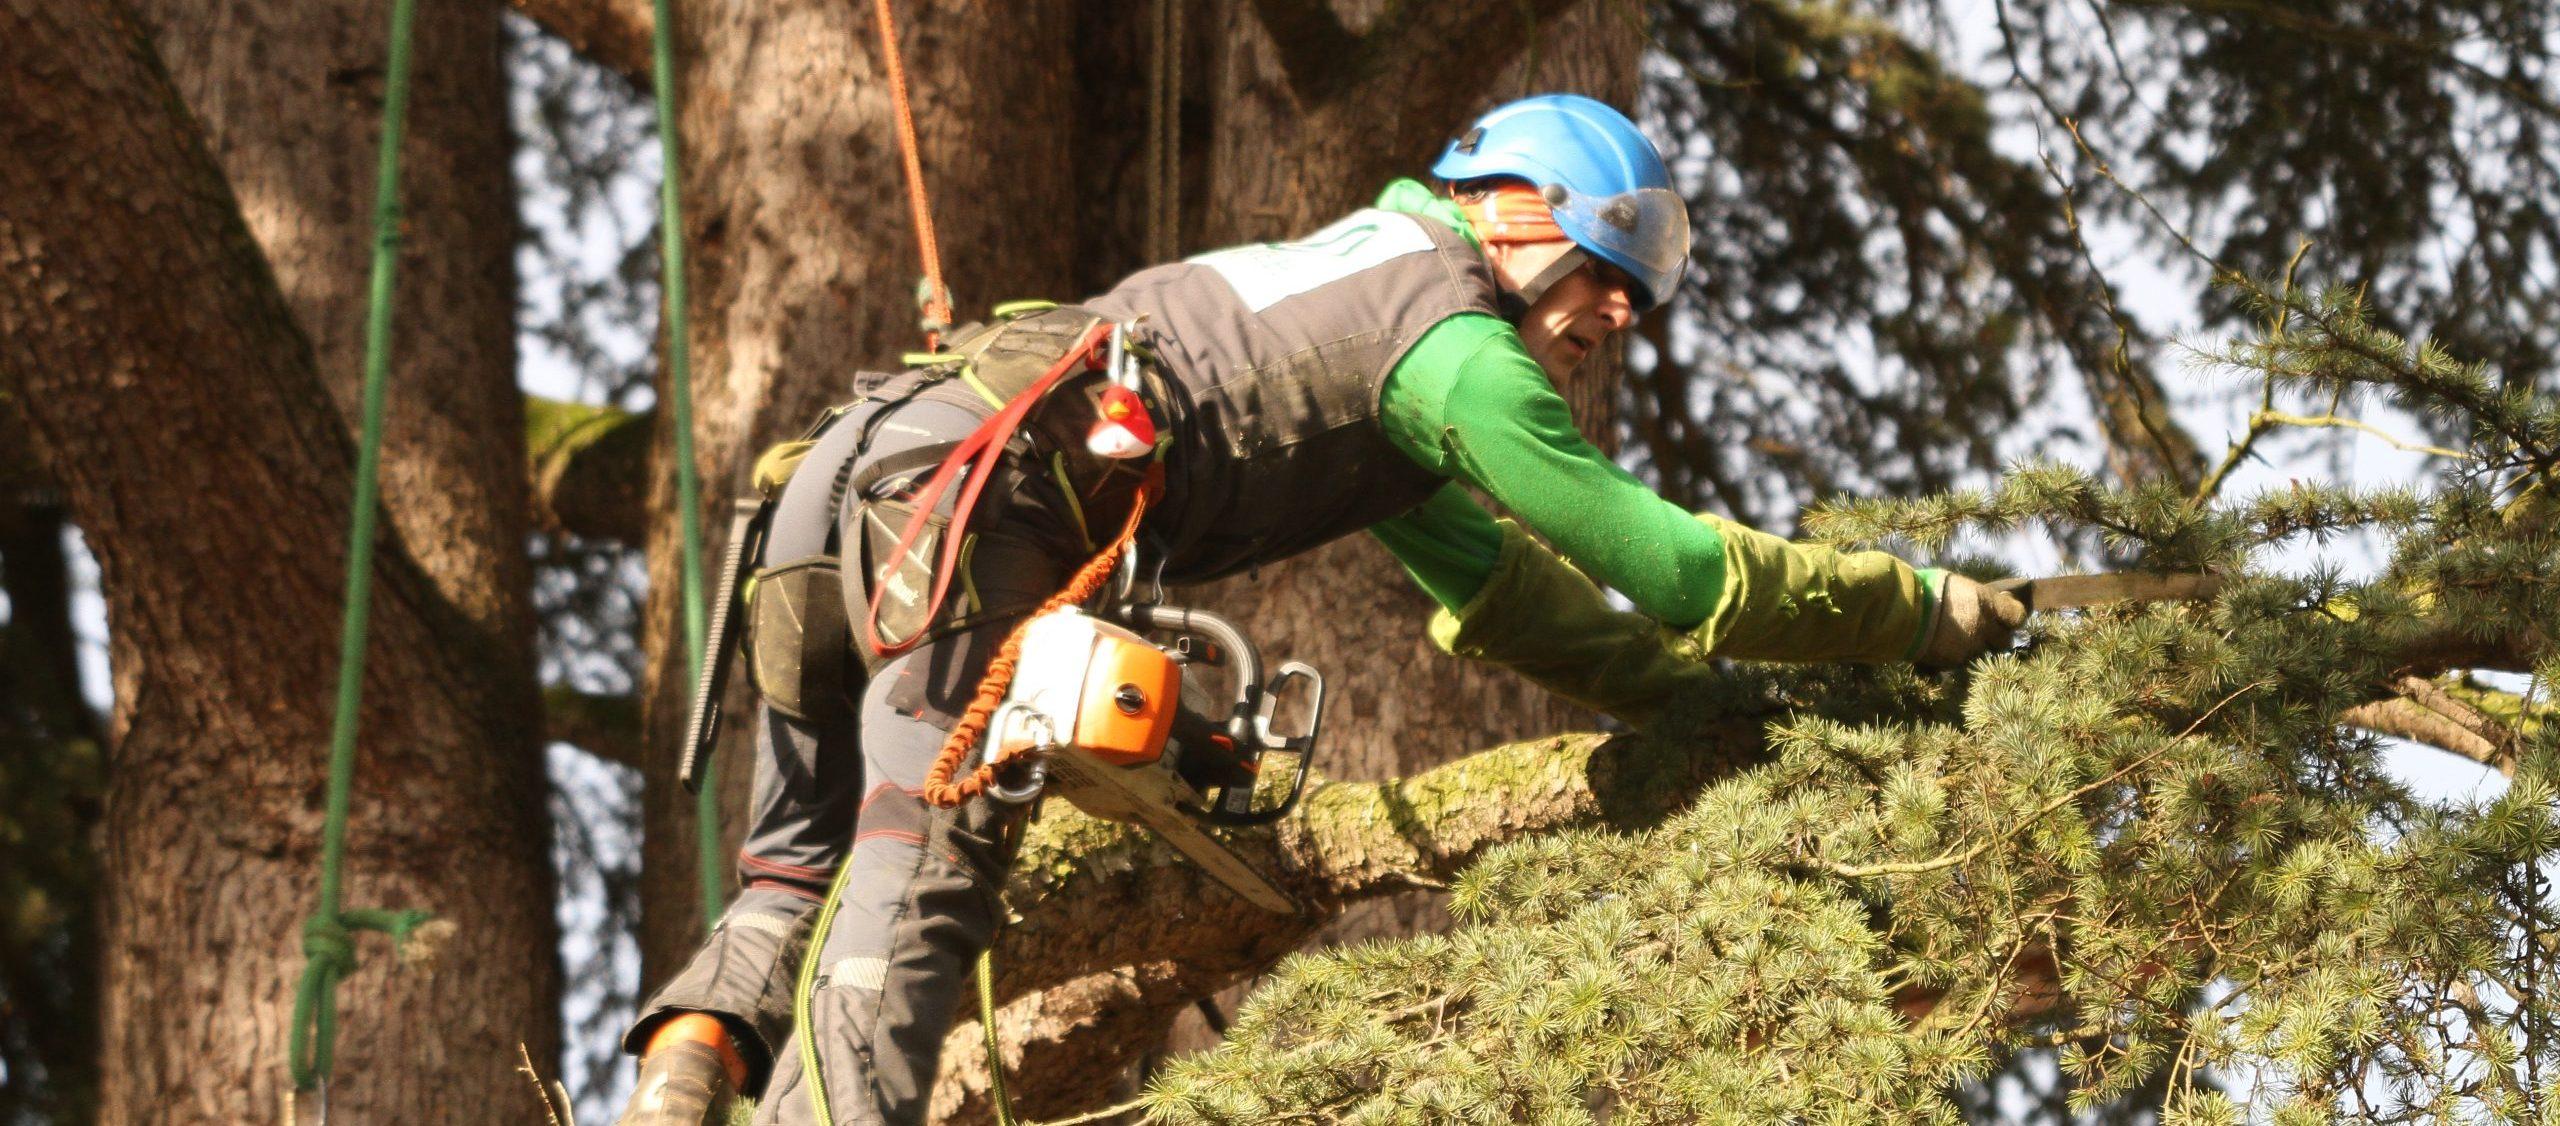 Colver créateur jardin paysagiste oise noyon compiègne élagage haubannage arbre dangereux élagueur